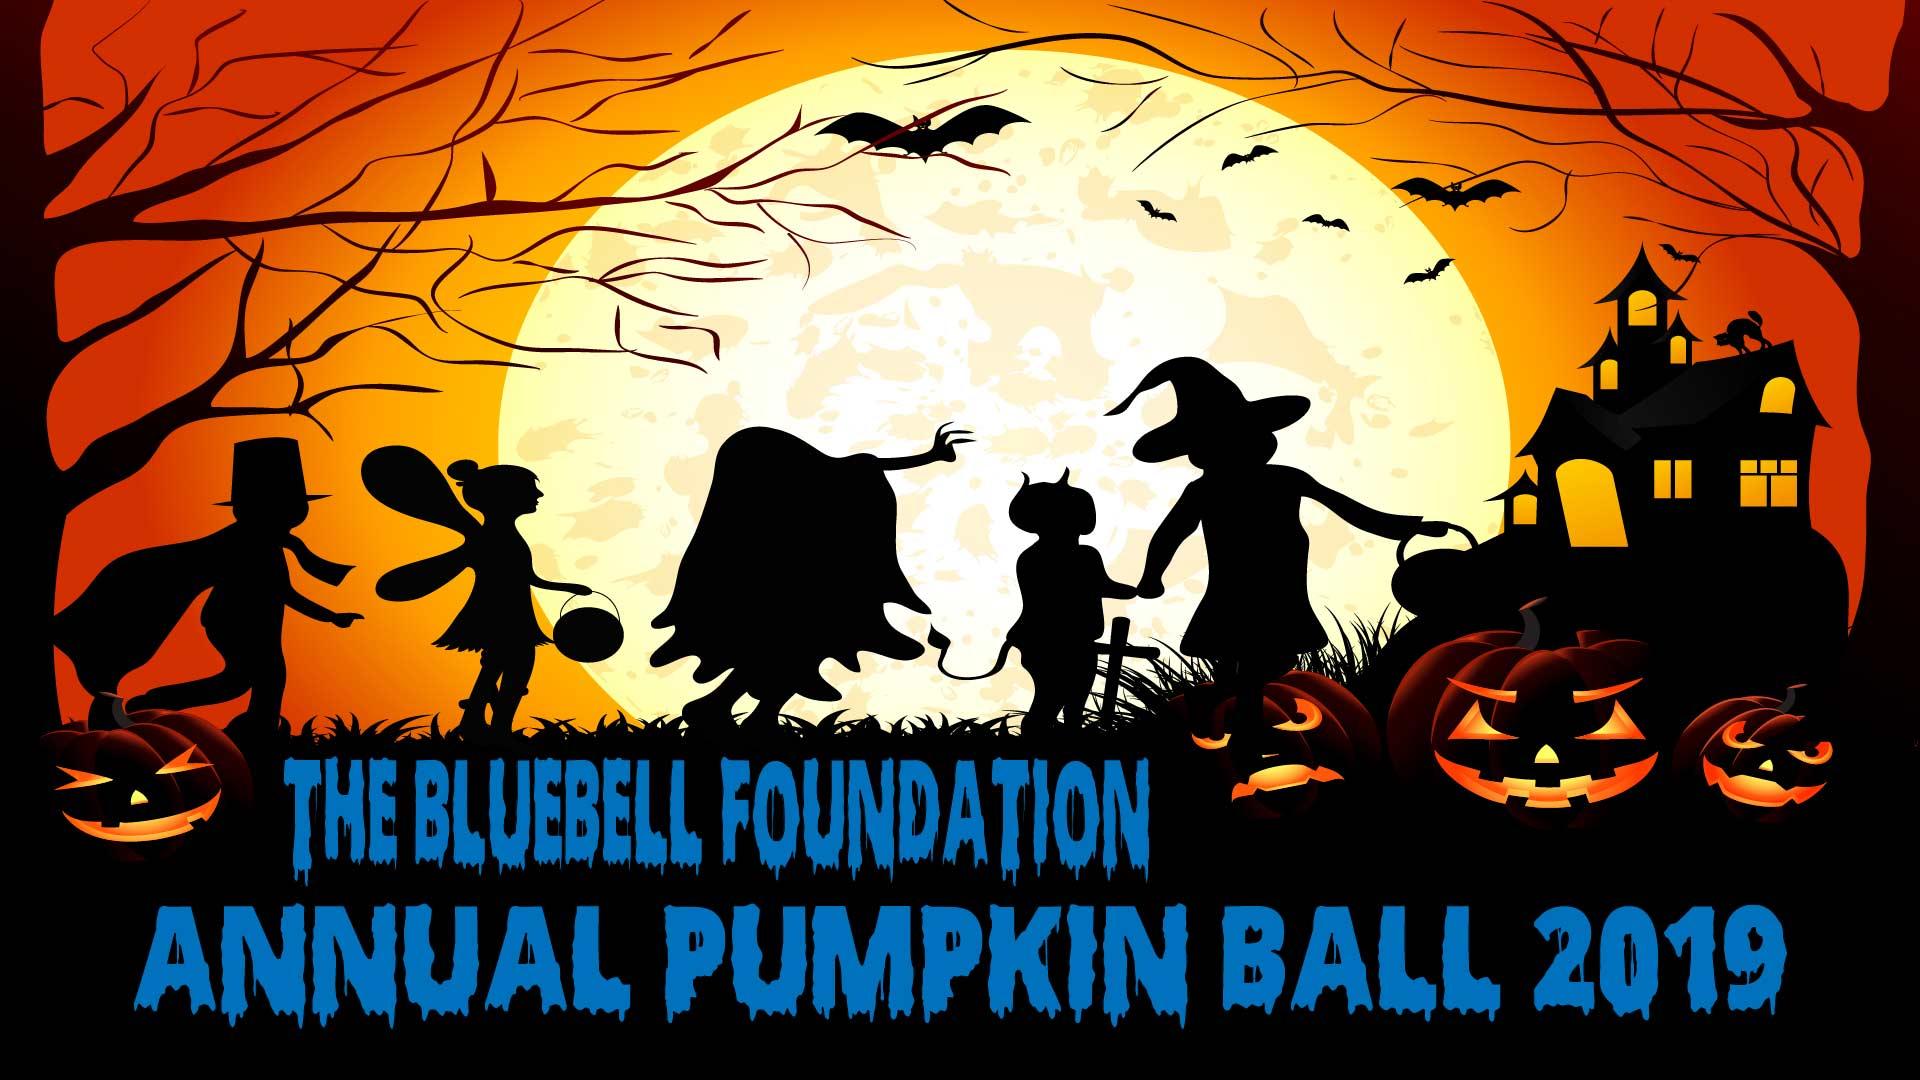 Bluebell Foundation Pumpkin Ball 2019